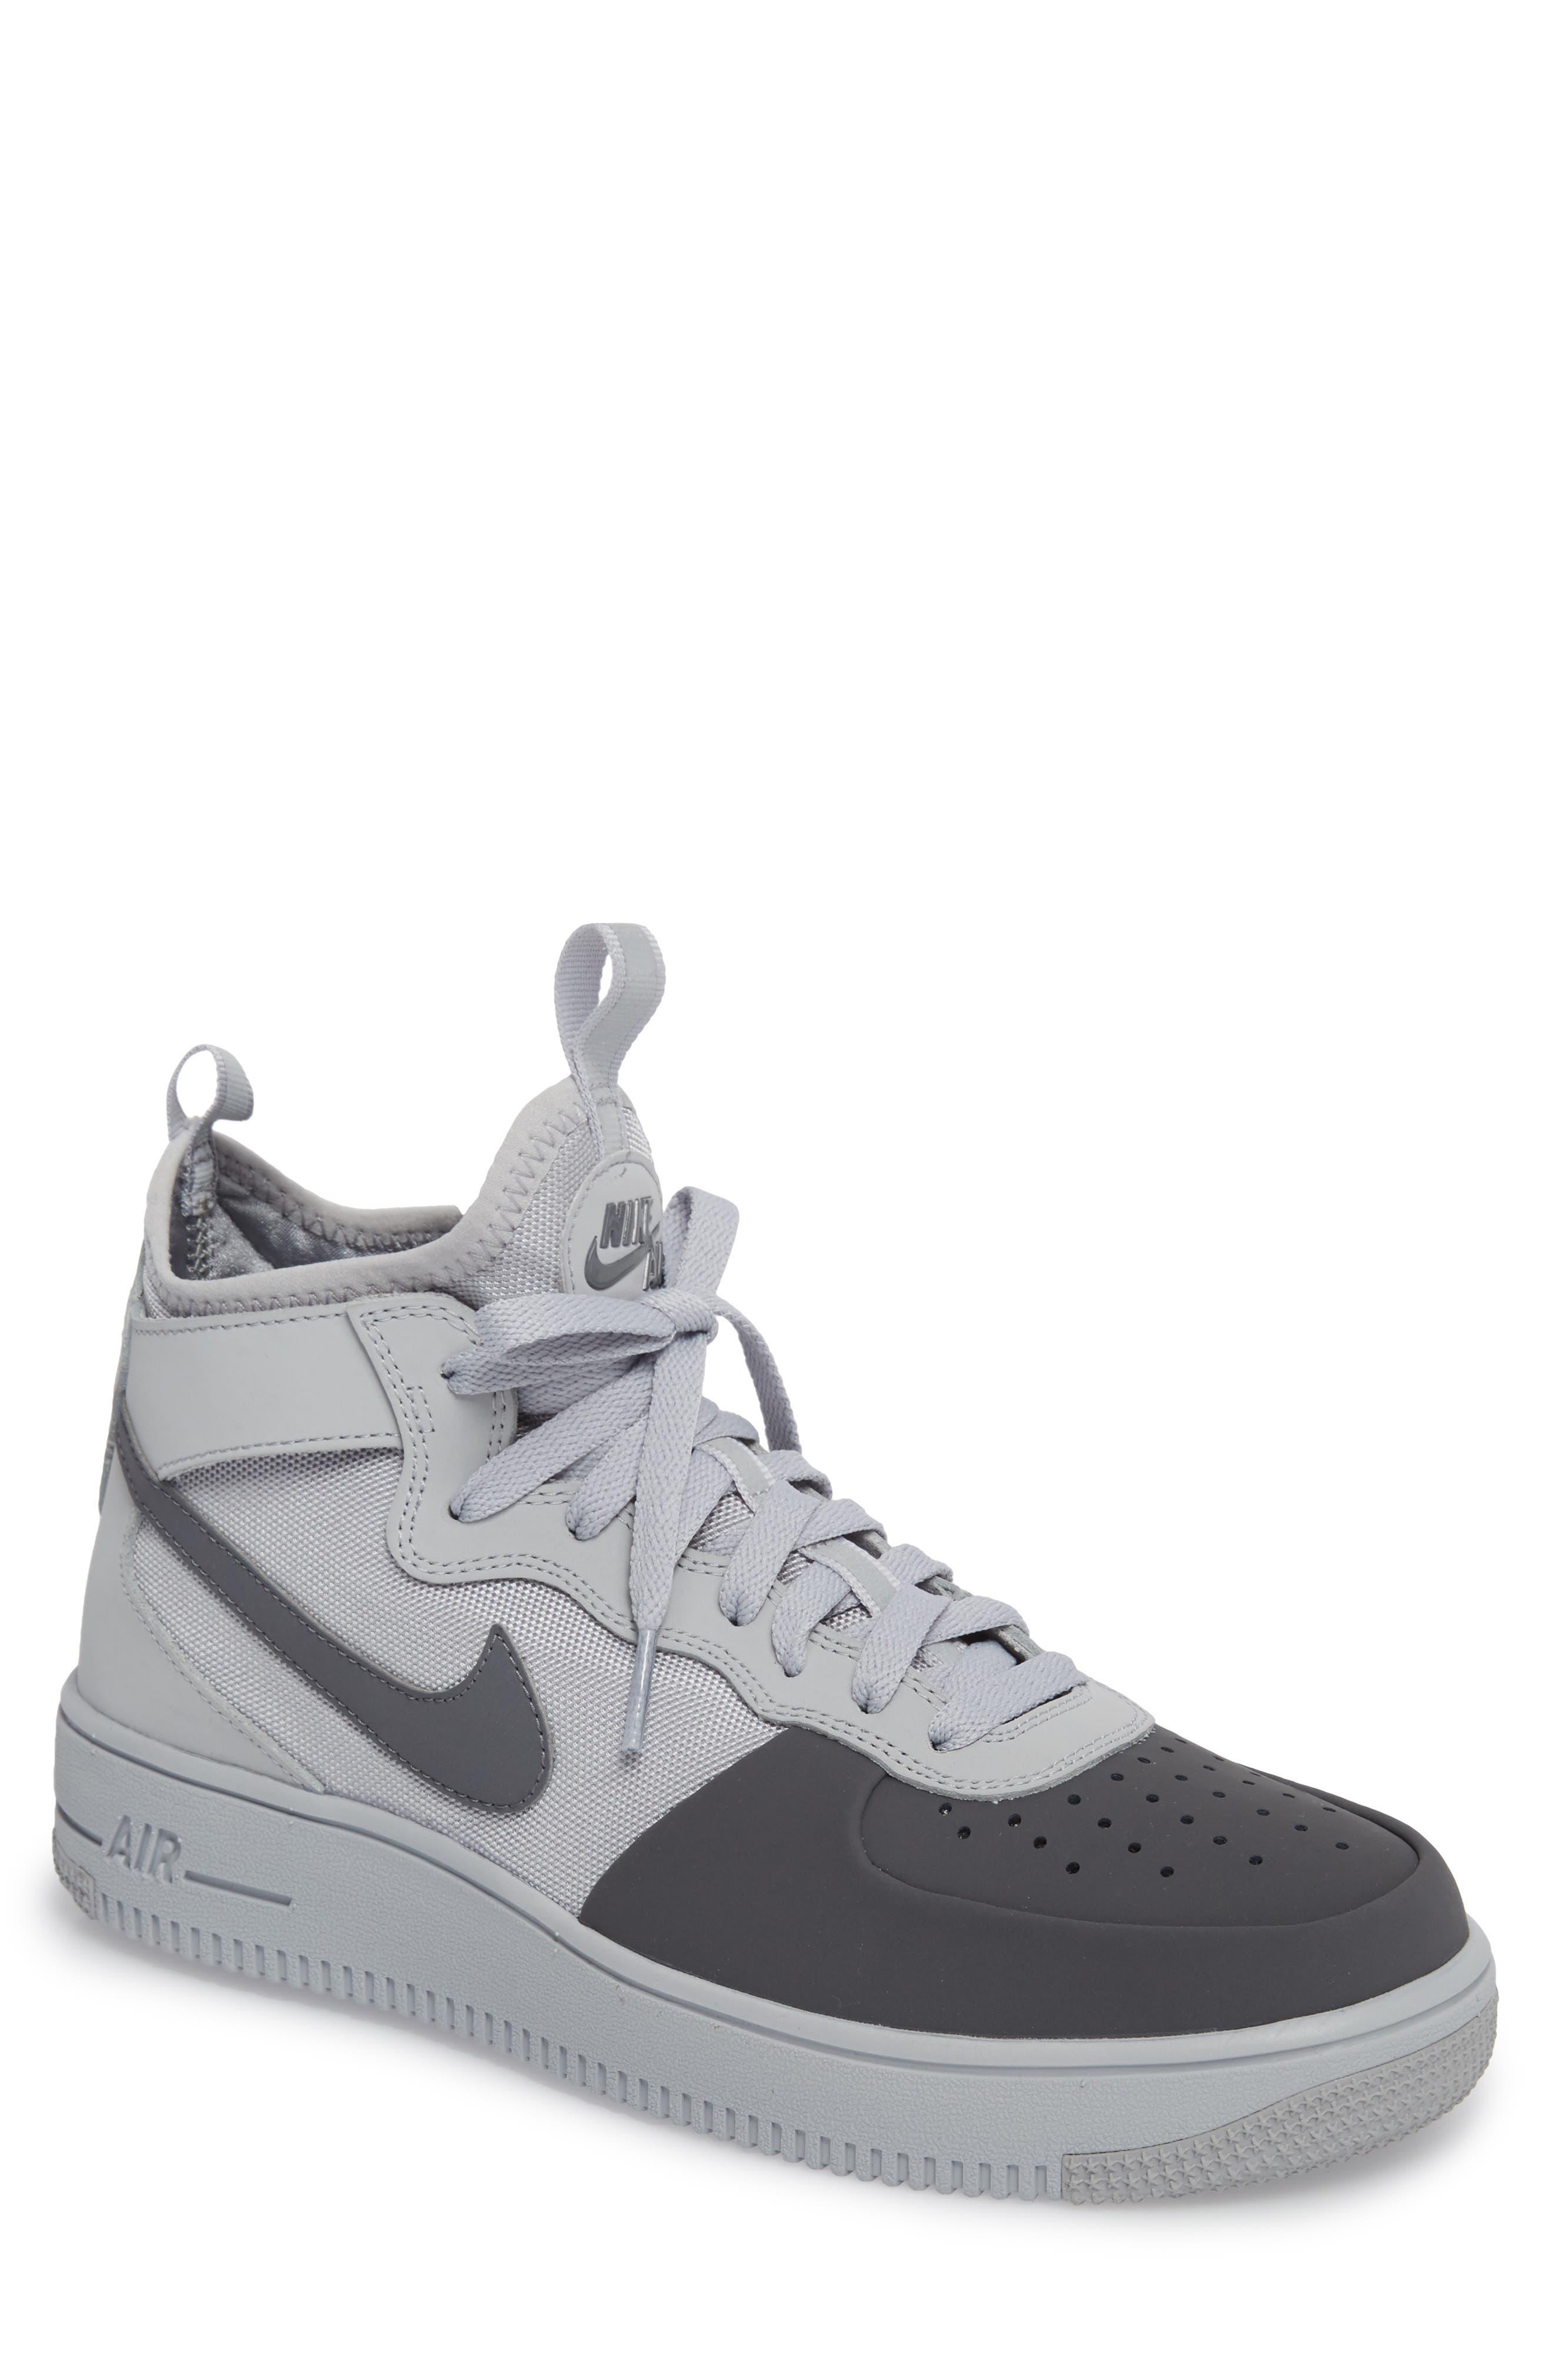 Nike Air Force 1 Ultraforce Mid Tech Sneaker (Men)